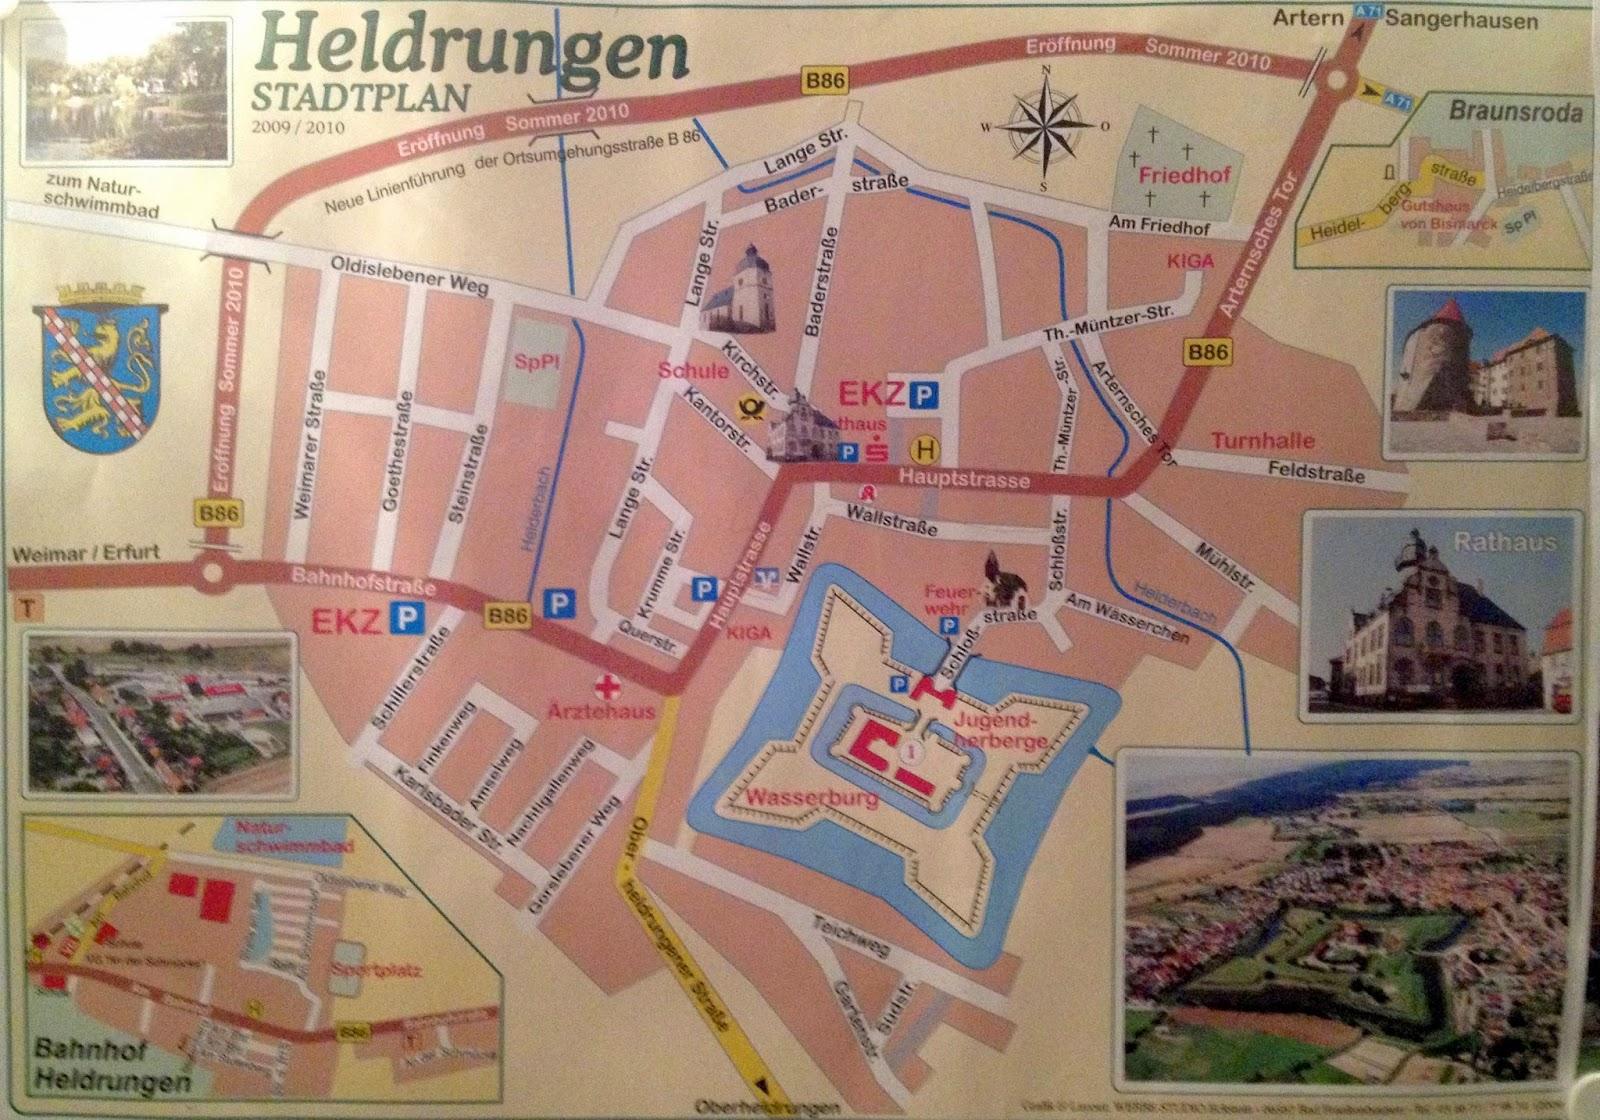 Stadtplan Heldrungen